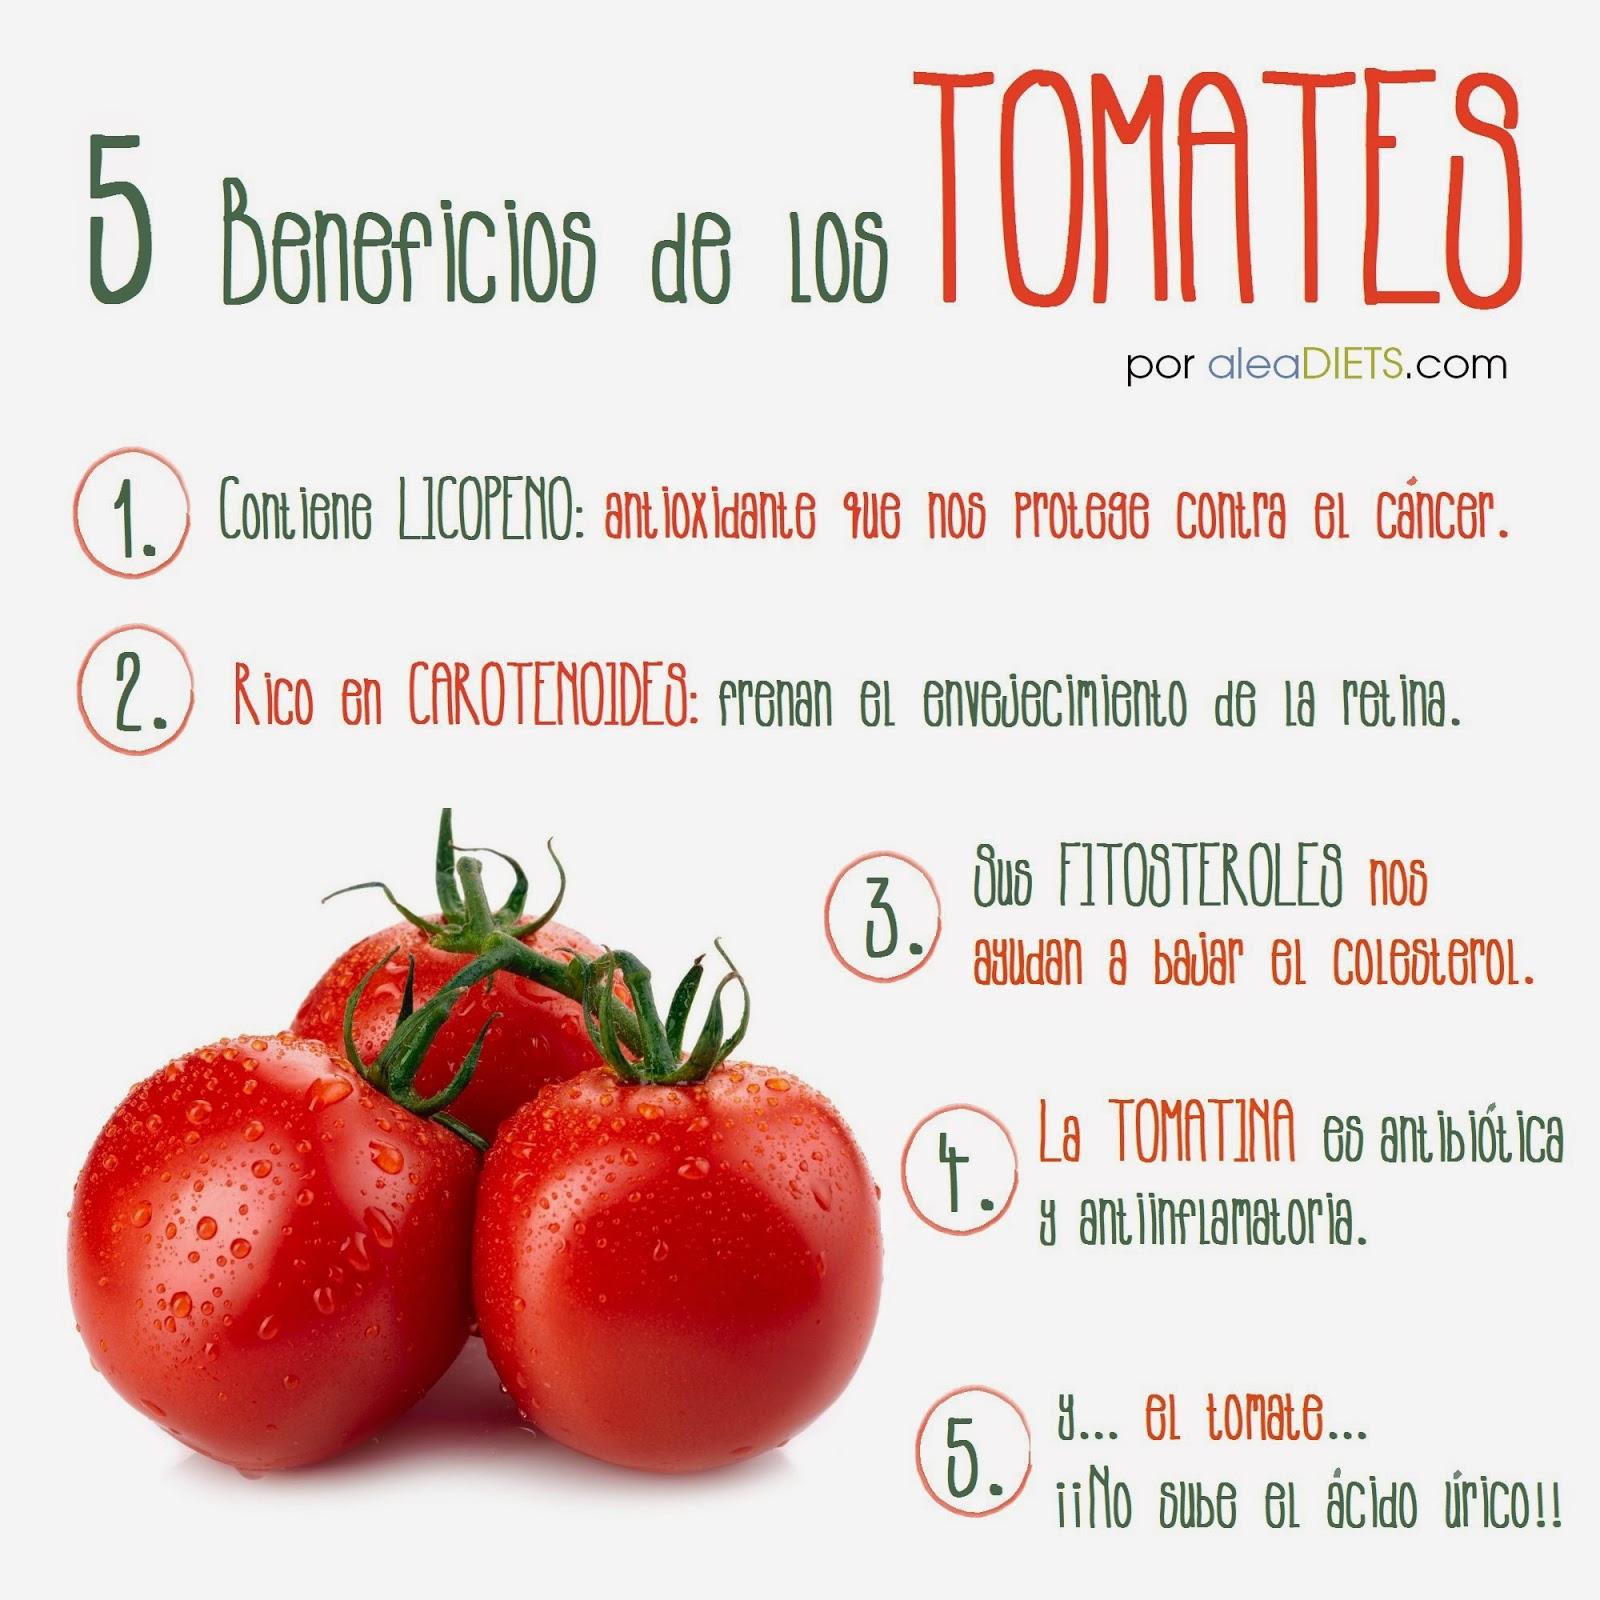 Beneficios del tomate, por aleaDIETS